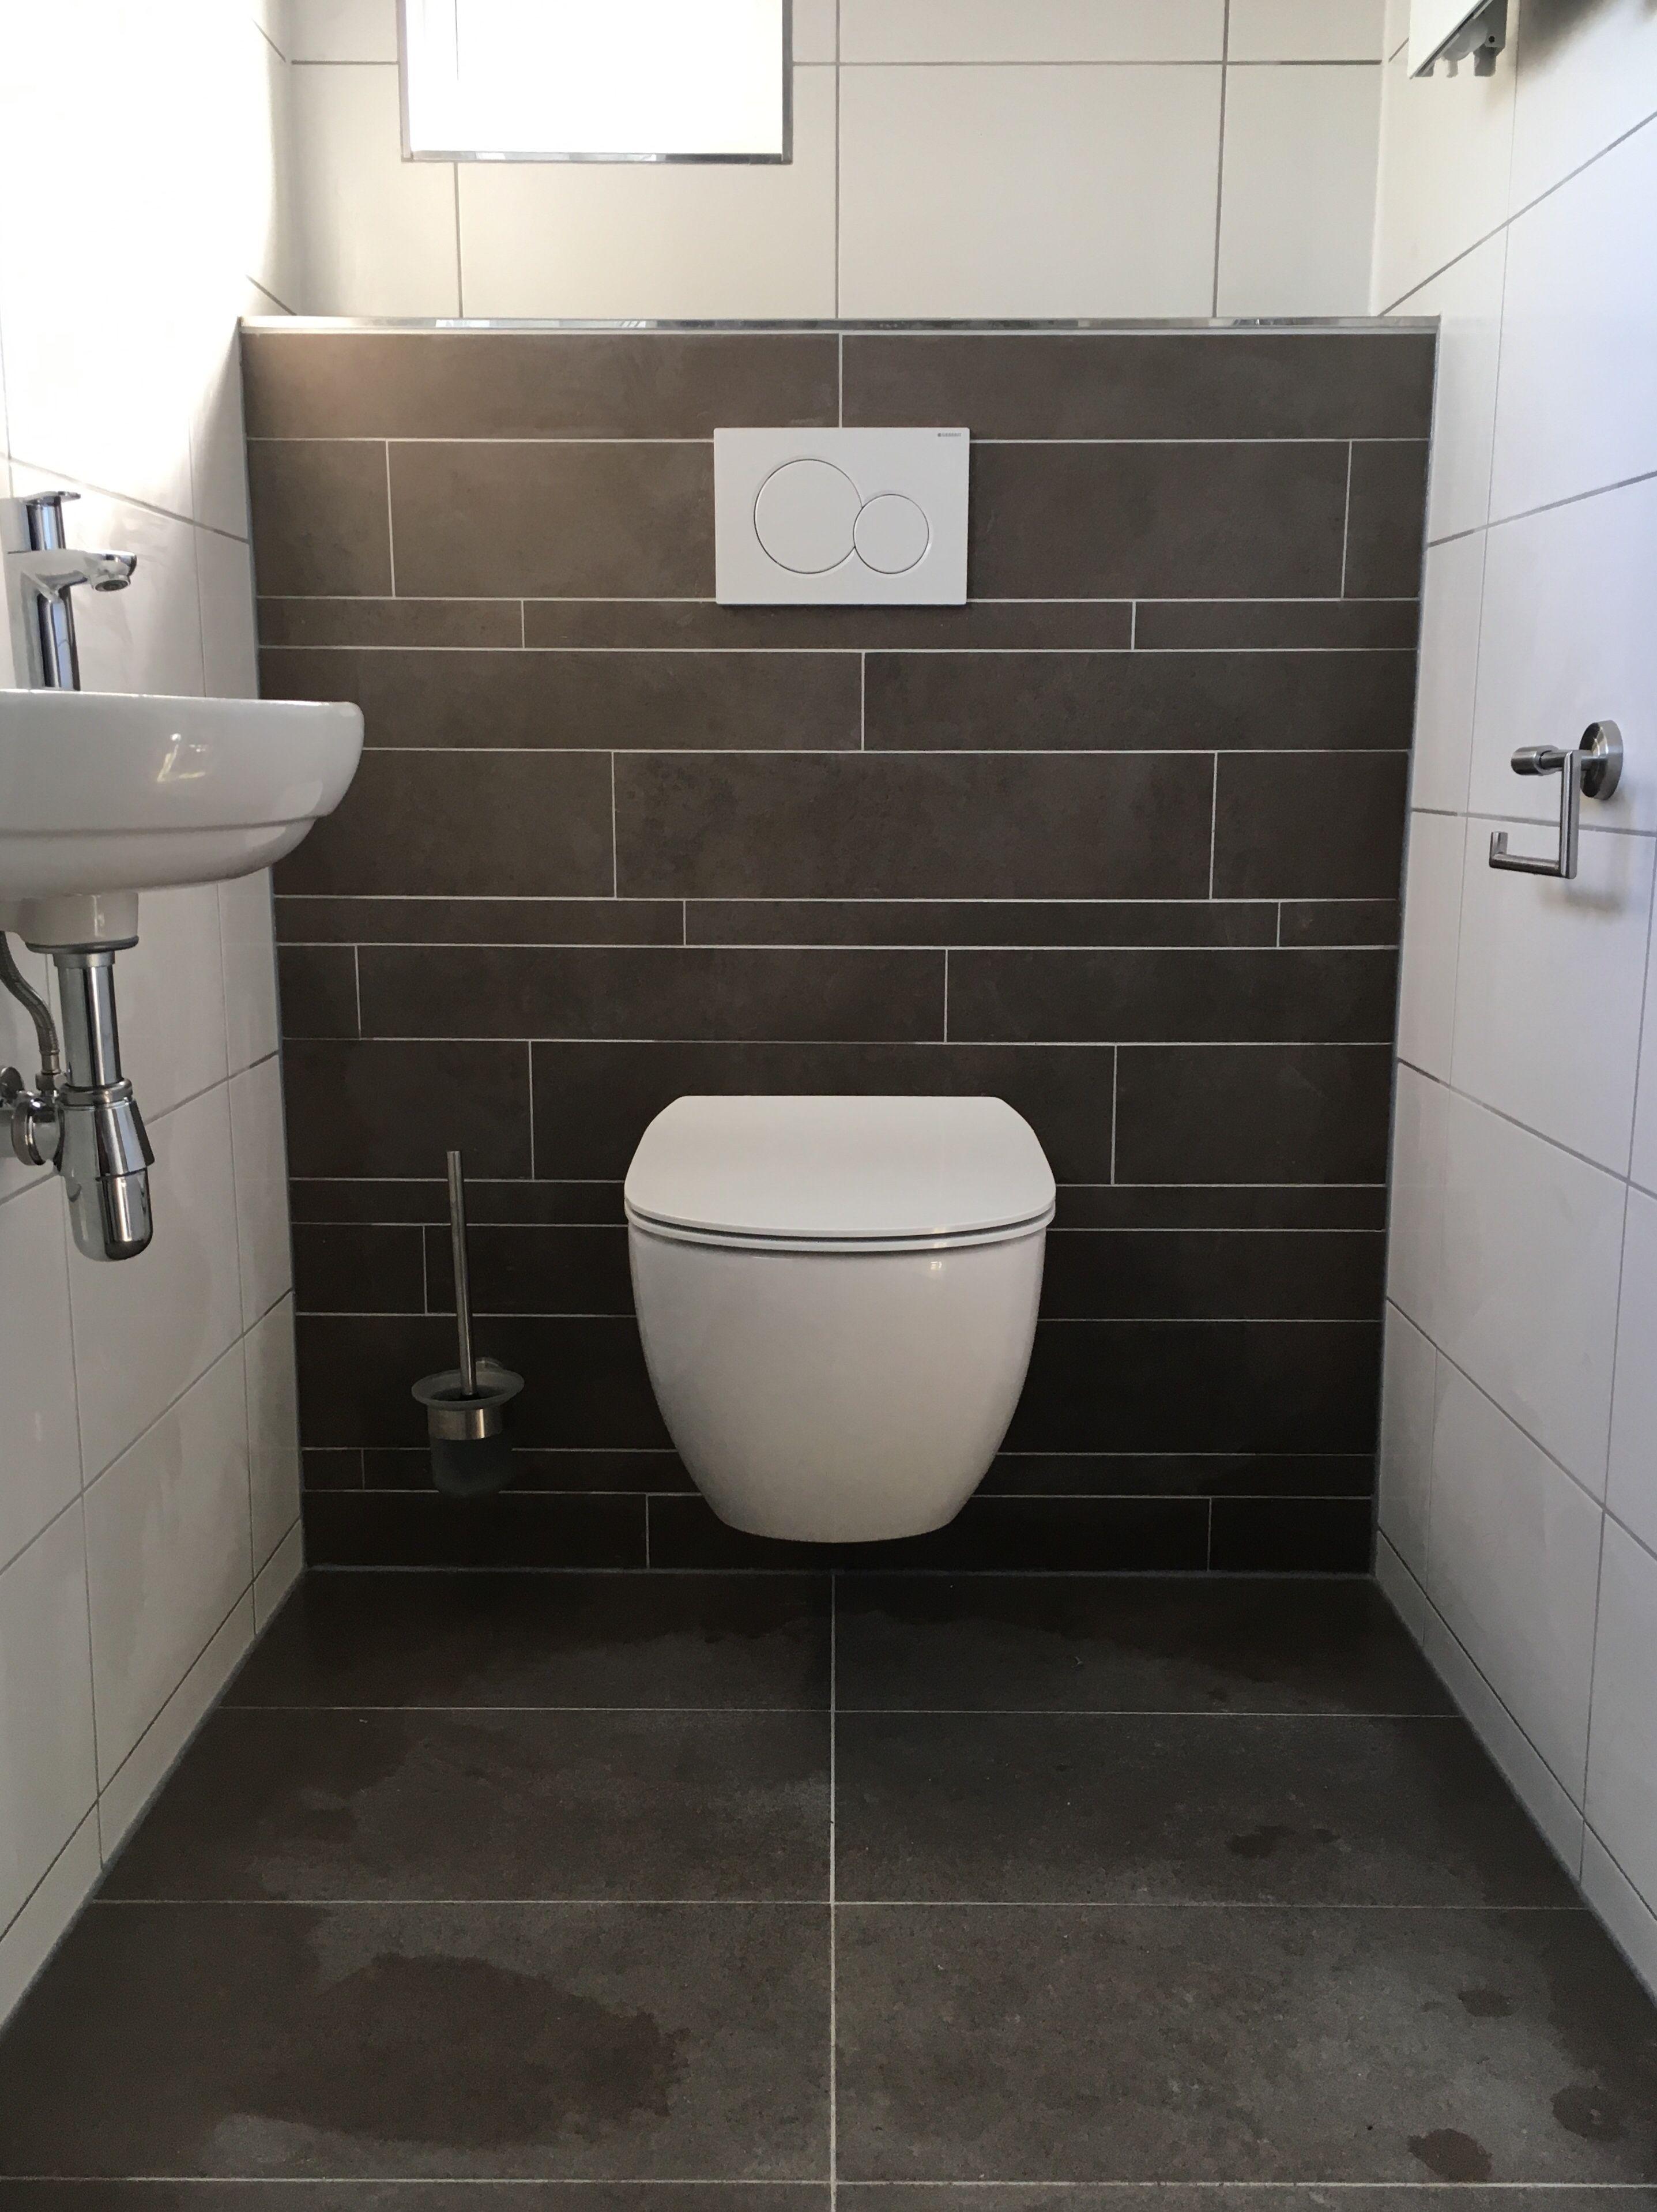 Verwonderend Renovatie van toilet, strokentegels, wandcloset en wasmachinekast OH-87